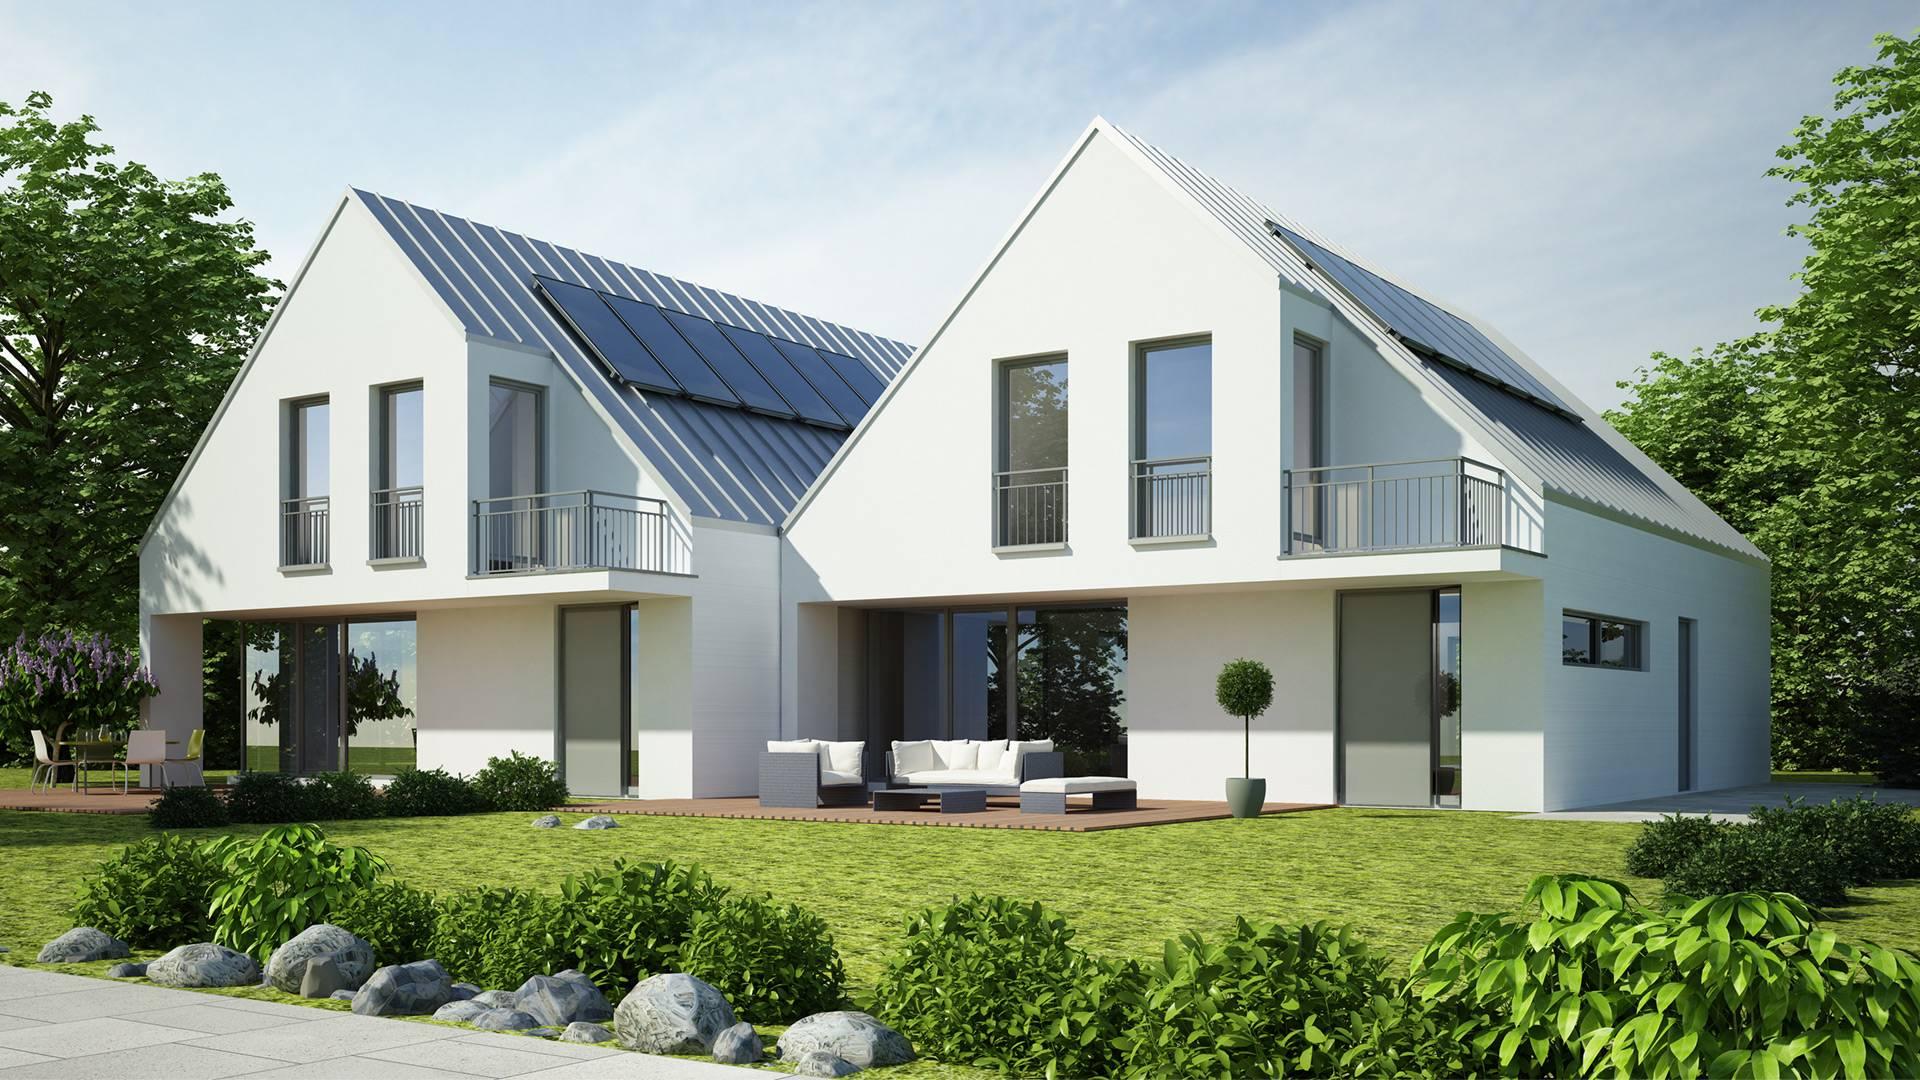 doppelhaus bauen h user anbieter preise vergleichen. Black Bedroom Furniture Sets. Home Design Ideas